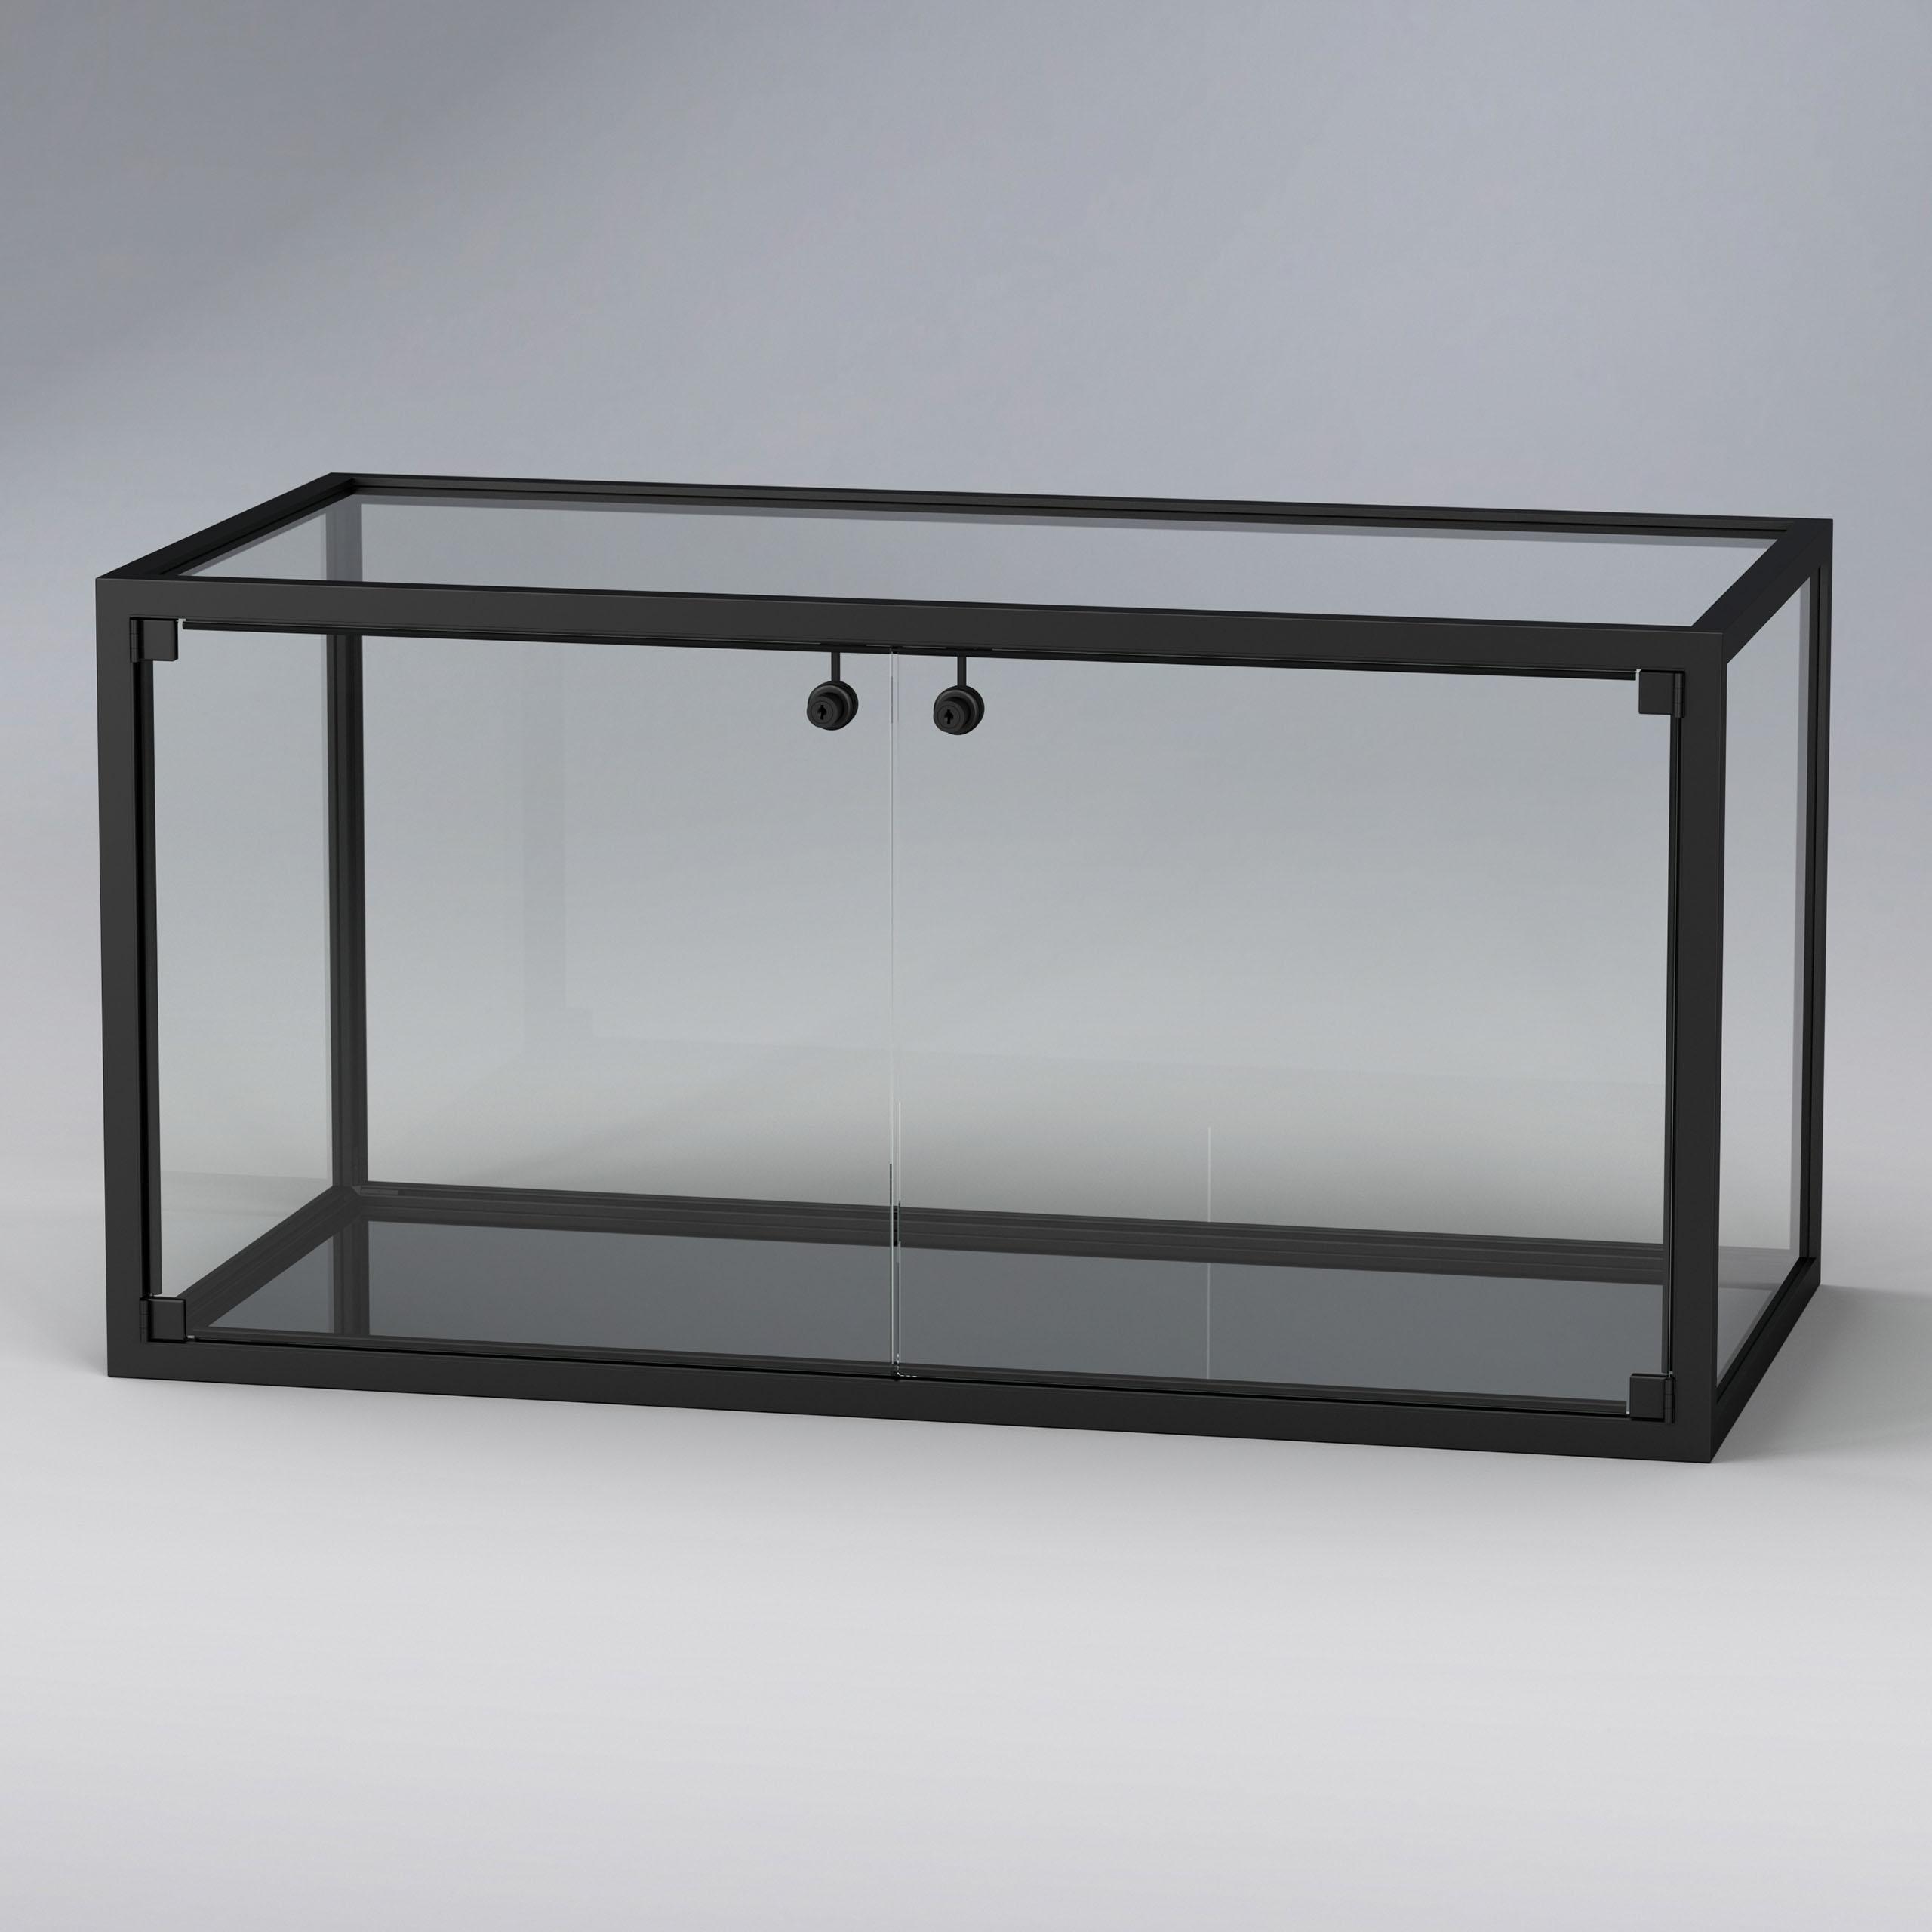 KUBUS BLACK Quader Vitrinenenelement Glas und Aluminium